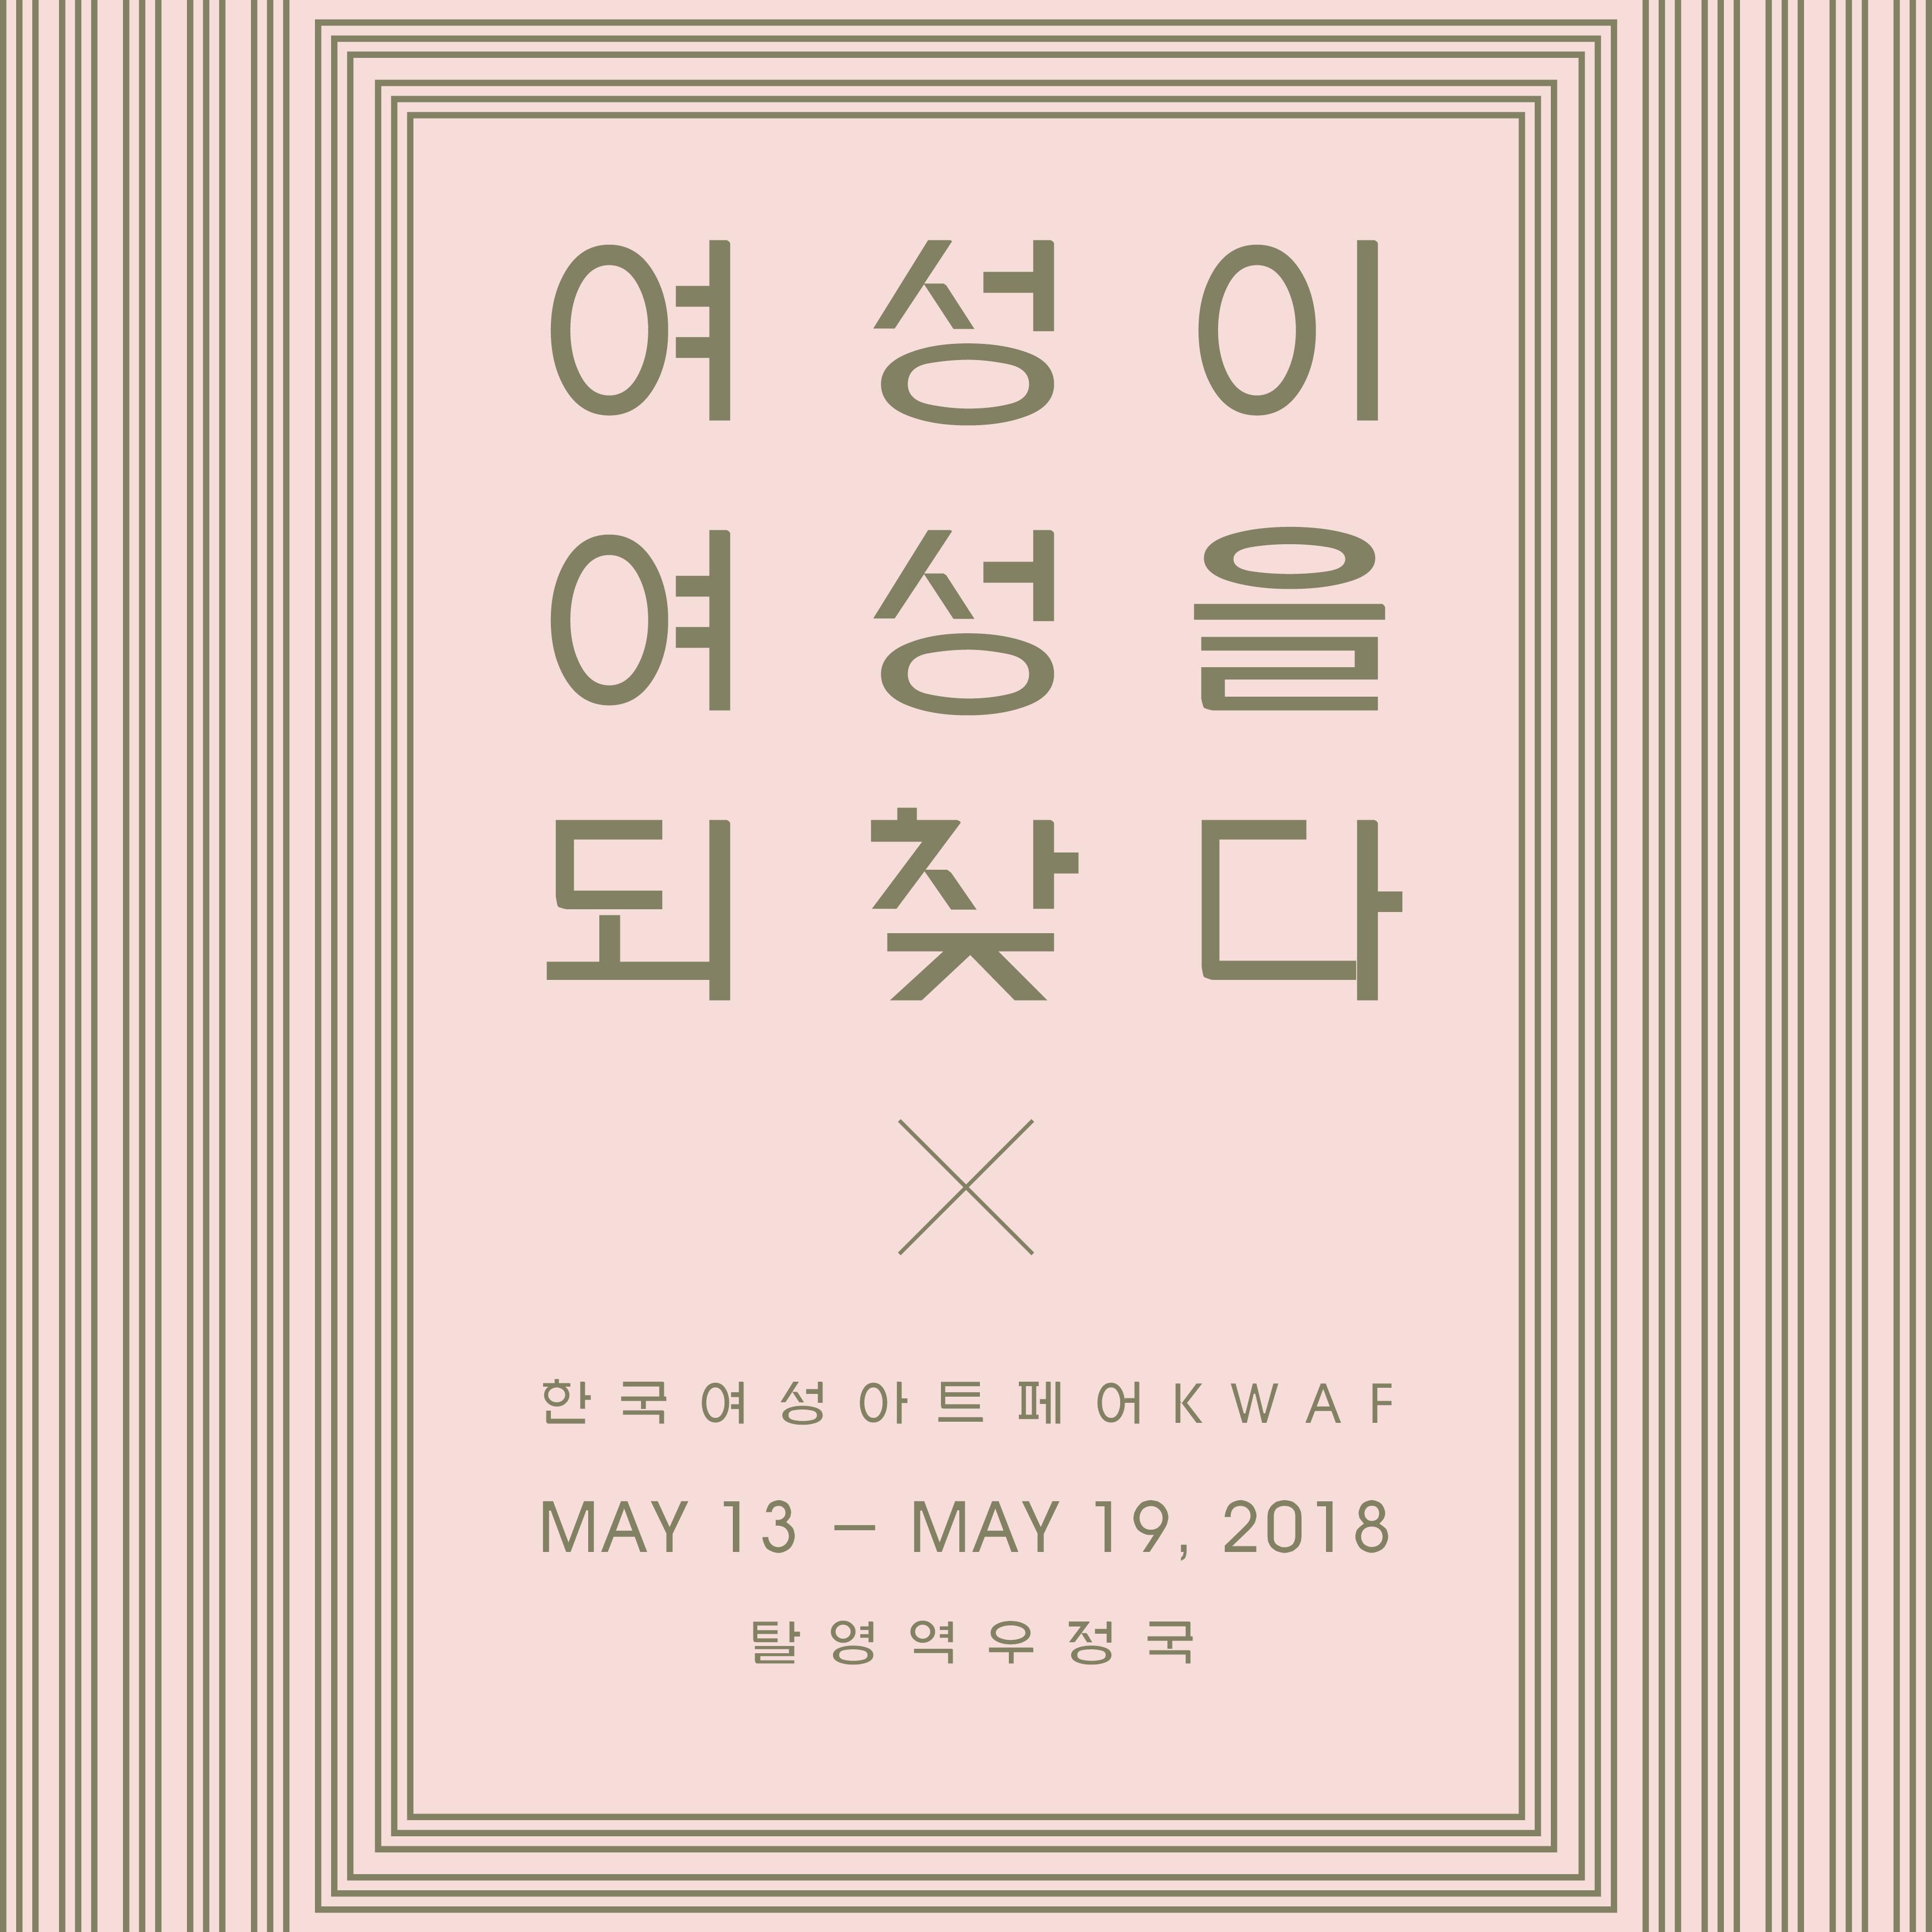 KWAF 텀블벅 홍보